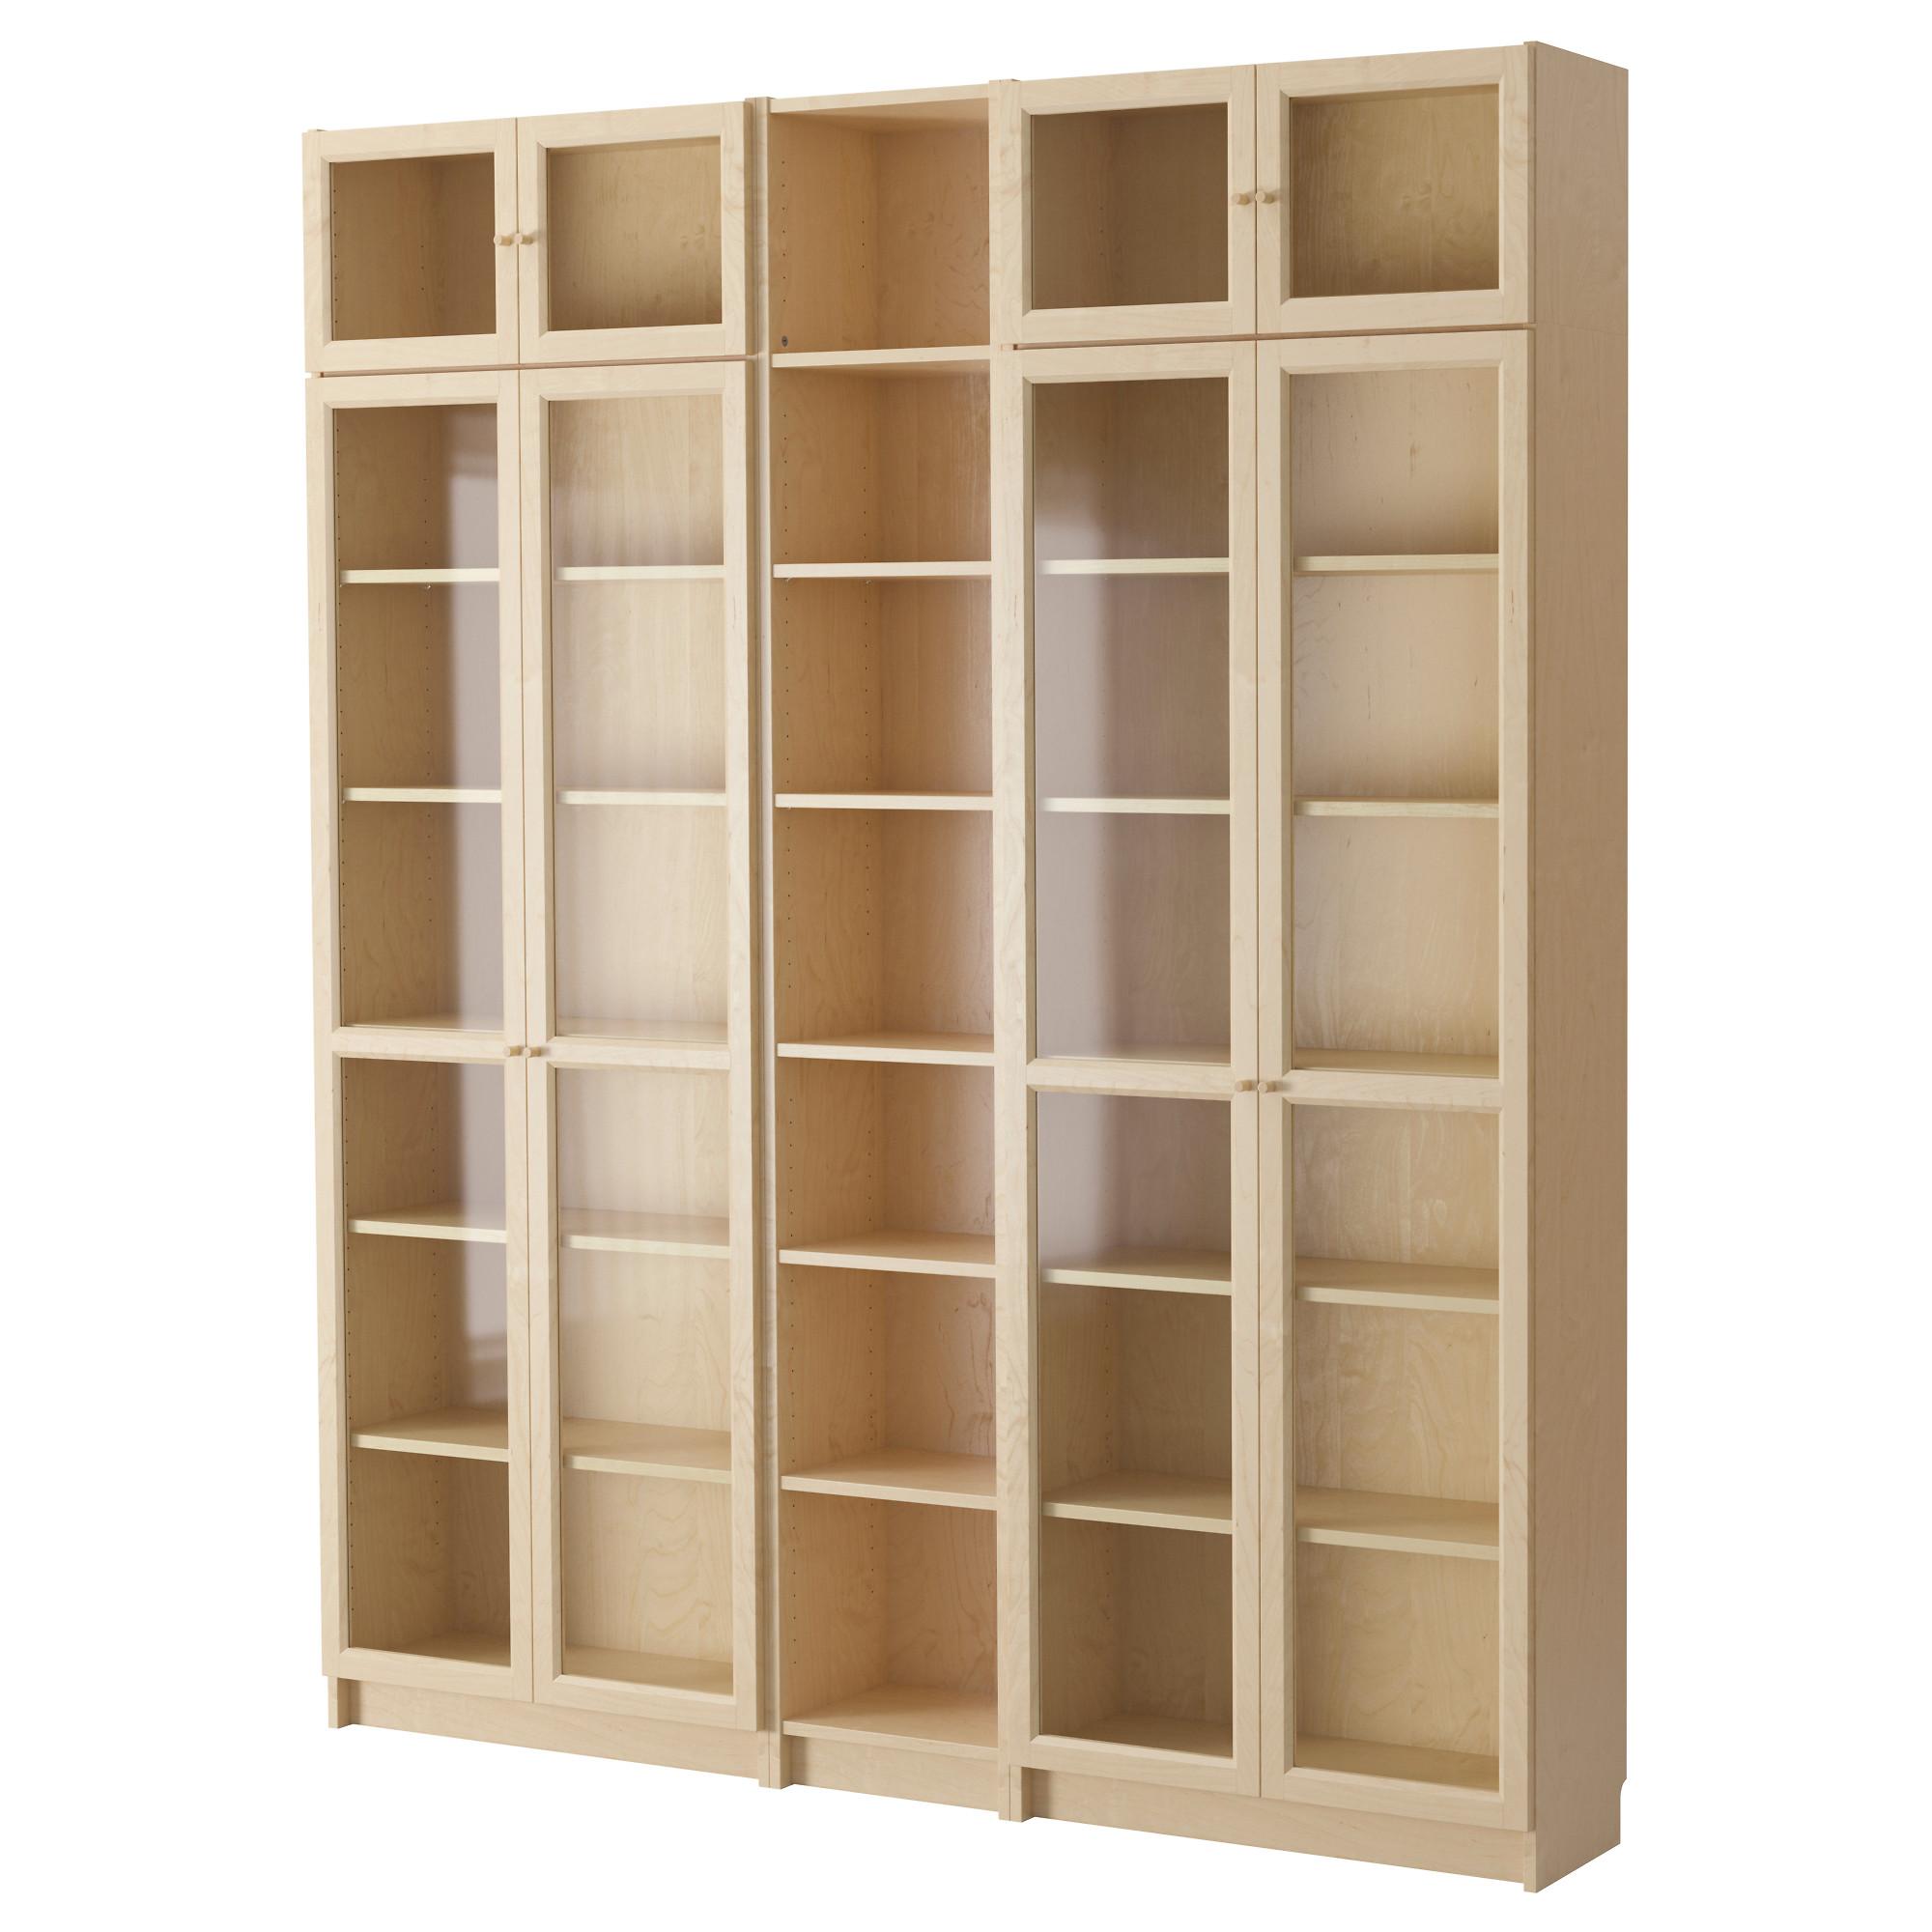 tall bookshelves billy / oxberg bookcase, birch veneer width: 78 3/4  KVRUQGK